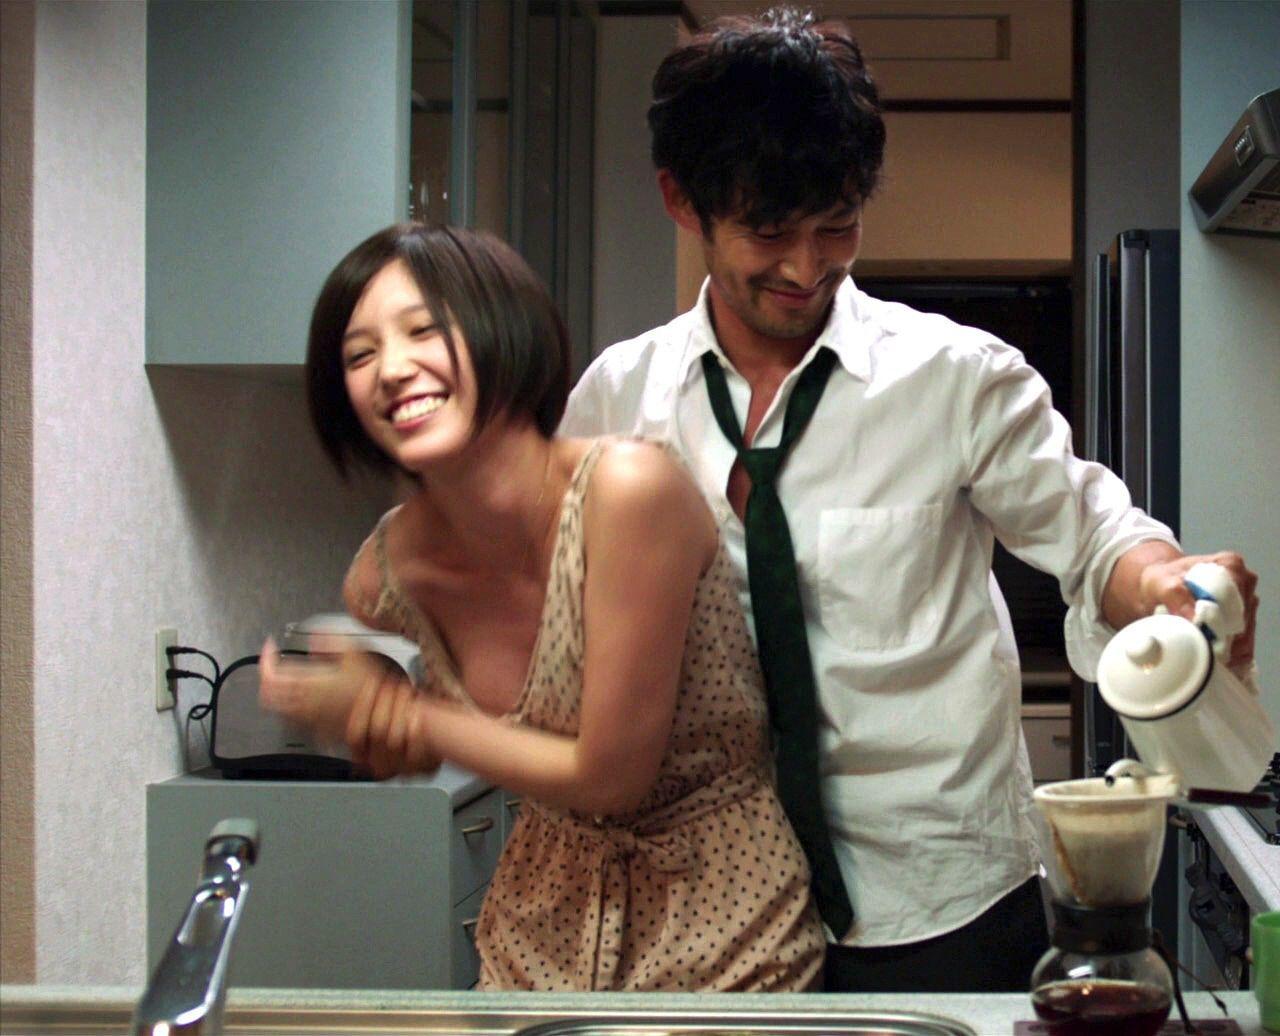 映画「ニシノユキヒコの恋と冒険」の本田翼と竹野内豊 本田翼の胸がぽろりしてる